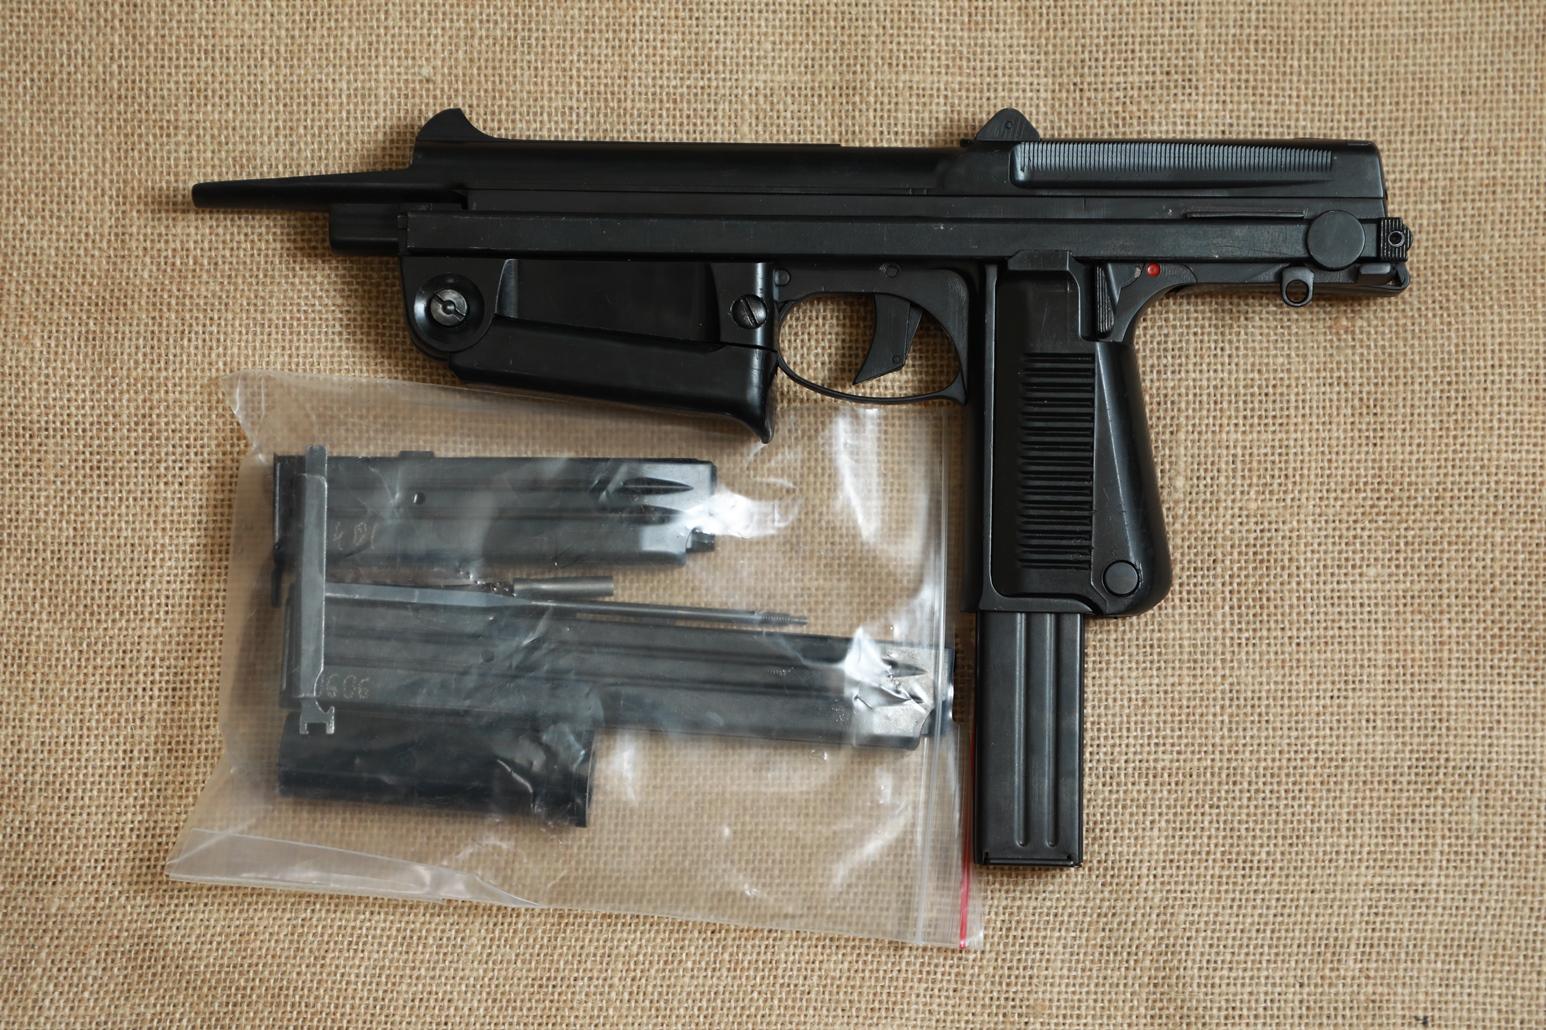 Фото Охолощенный пистолет-пулемет RAK-63 #DT 5677 1974 год, 1 категория